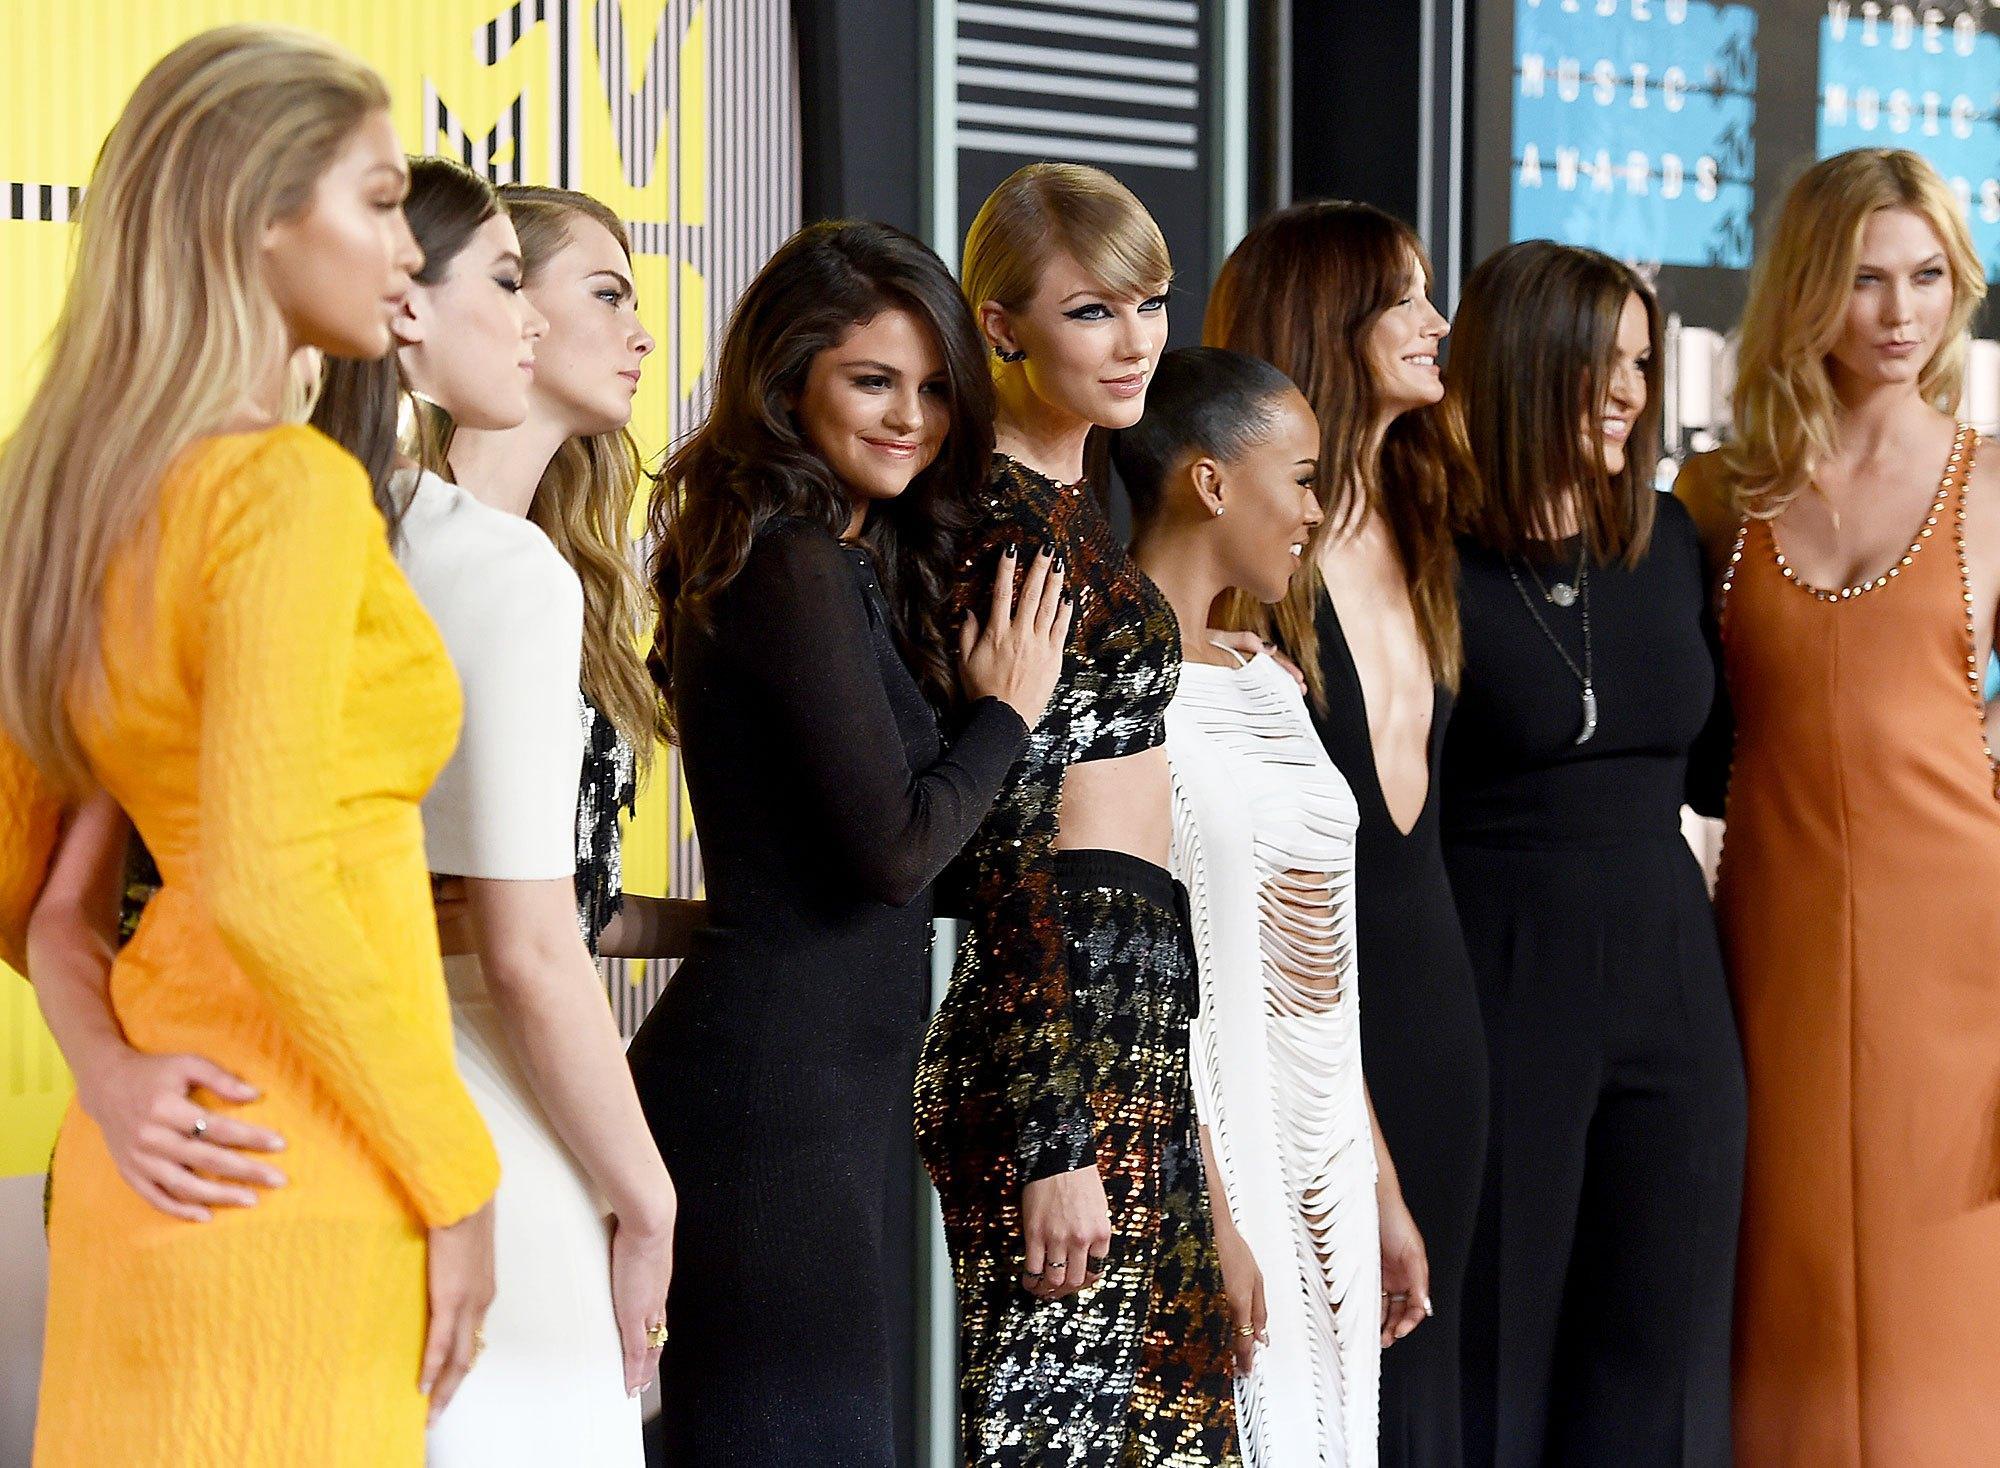 Hãng đĩa cũ phủ nhận cáo buộc từ phía Taylor Swift, tố cô nàng nợ hàng triệu USD-2